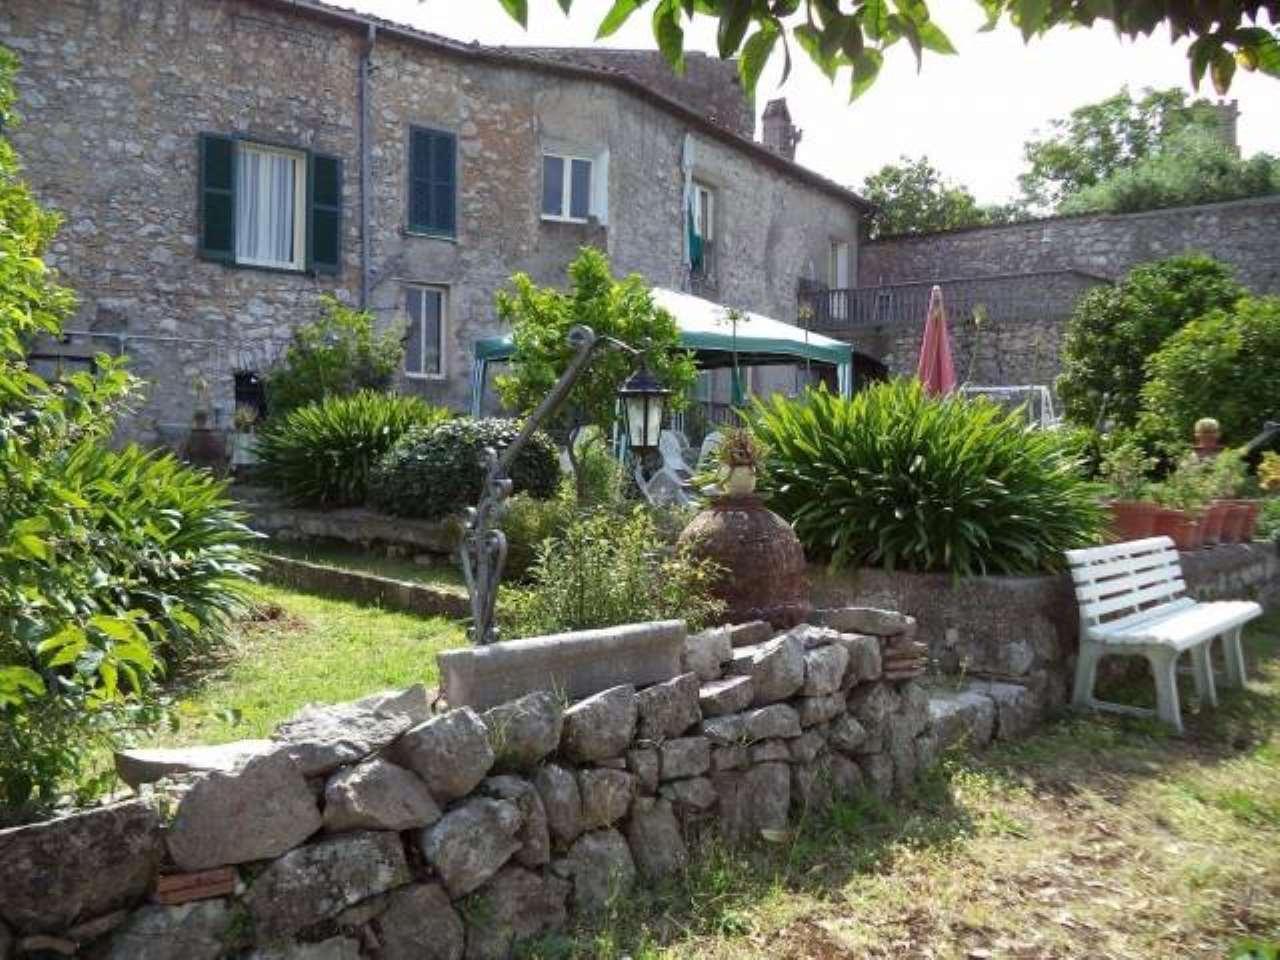 Villa in vendita a Pico, 9999 locali, Trattative riservate | CambioCasa.it